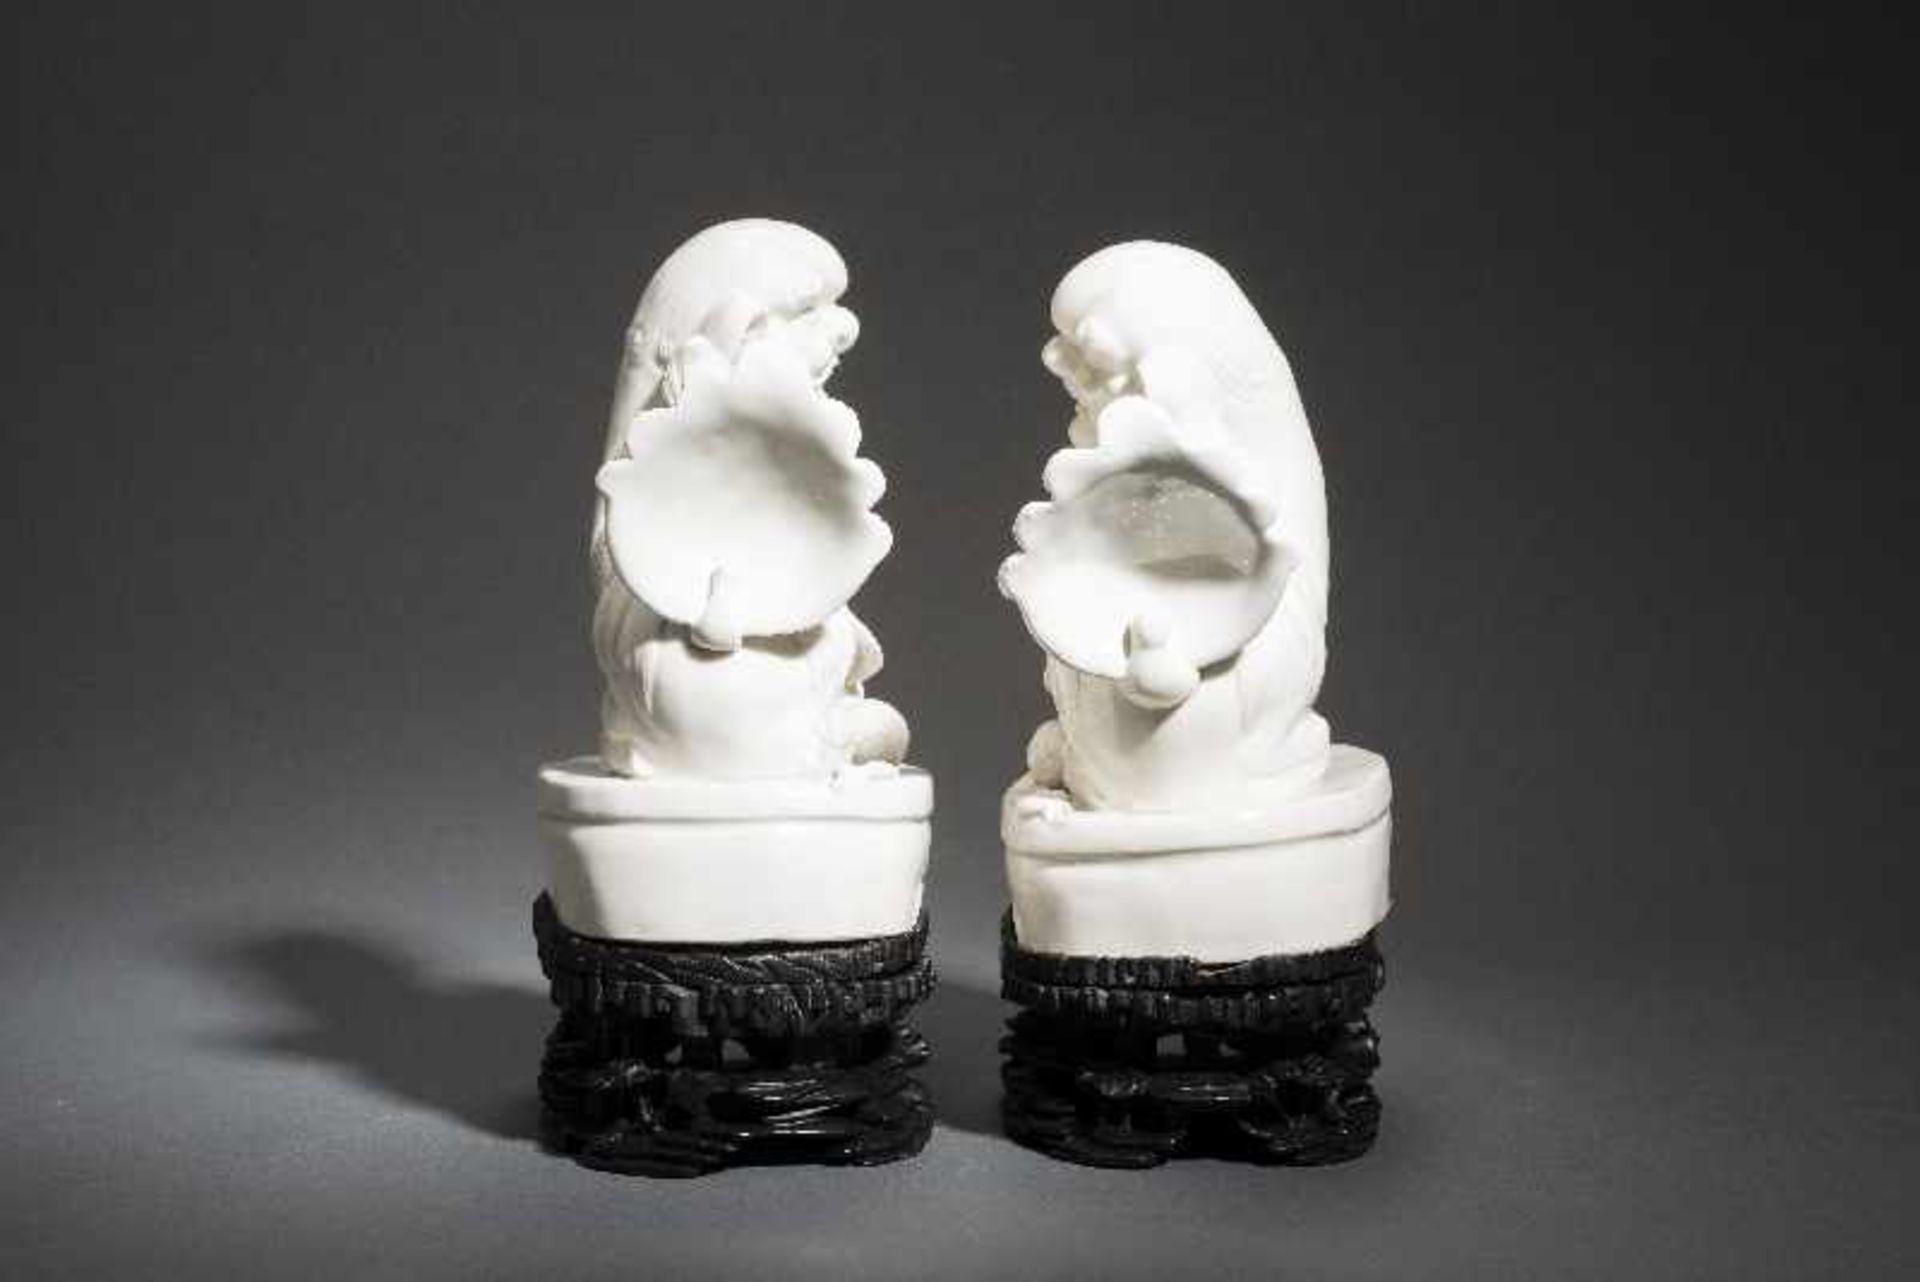 PAAR PALASTLÖWEN AUF SOCKELNBlanc de Chine-Porzellan aus Dehua und Holz. China, Qing 18. Jh. Zwei - Image 4 of 9